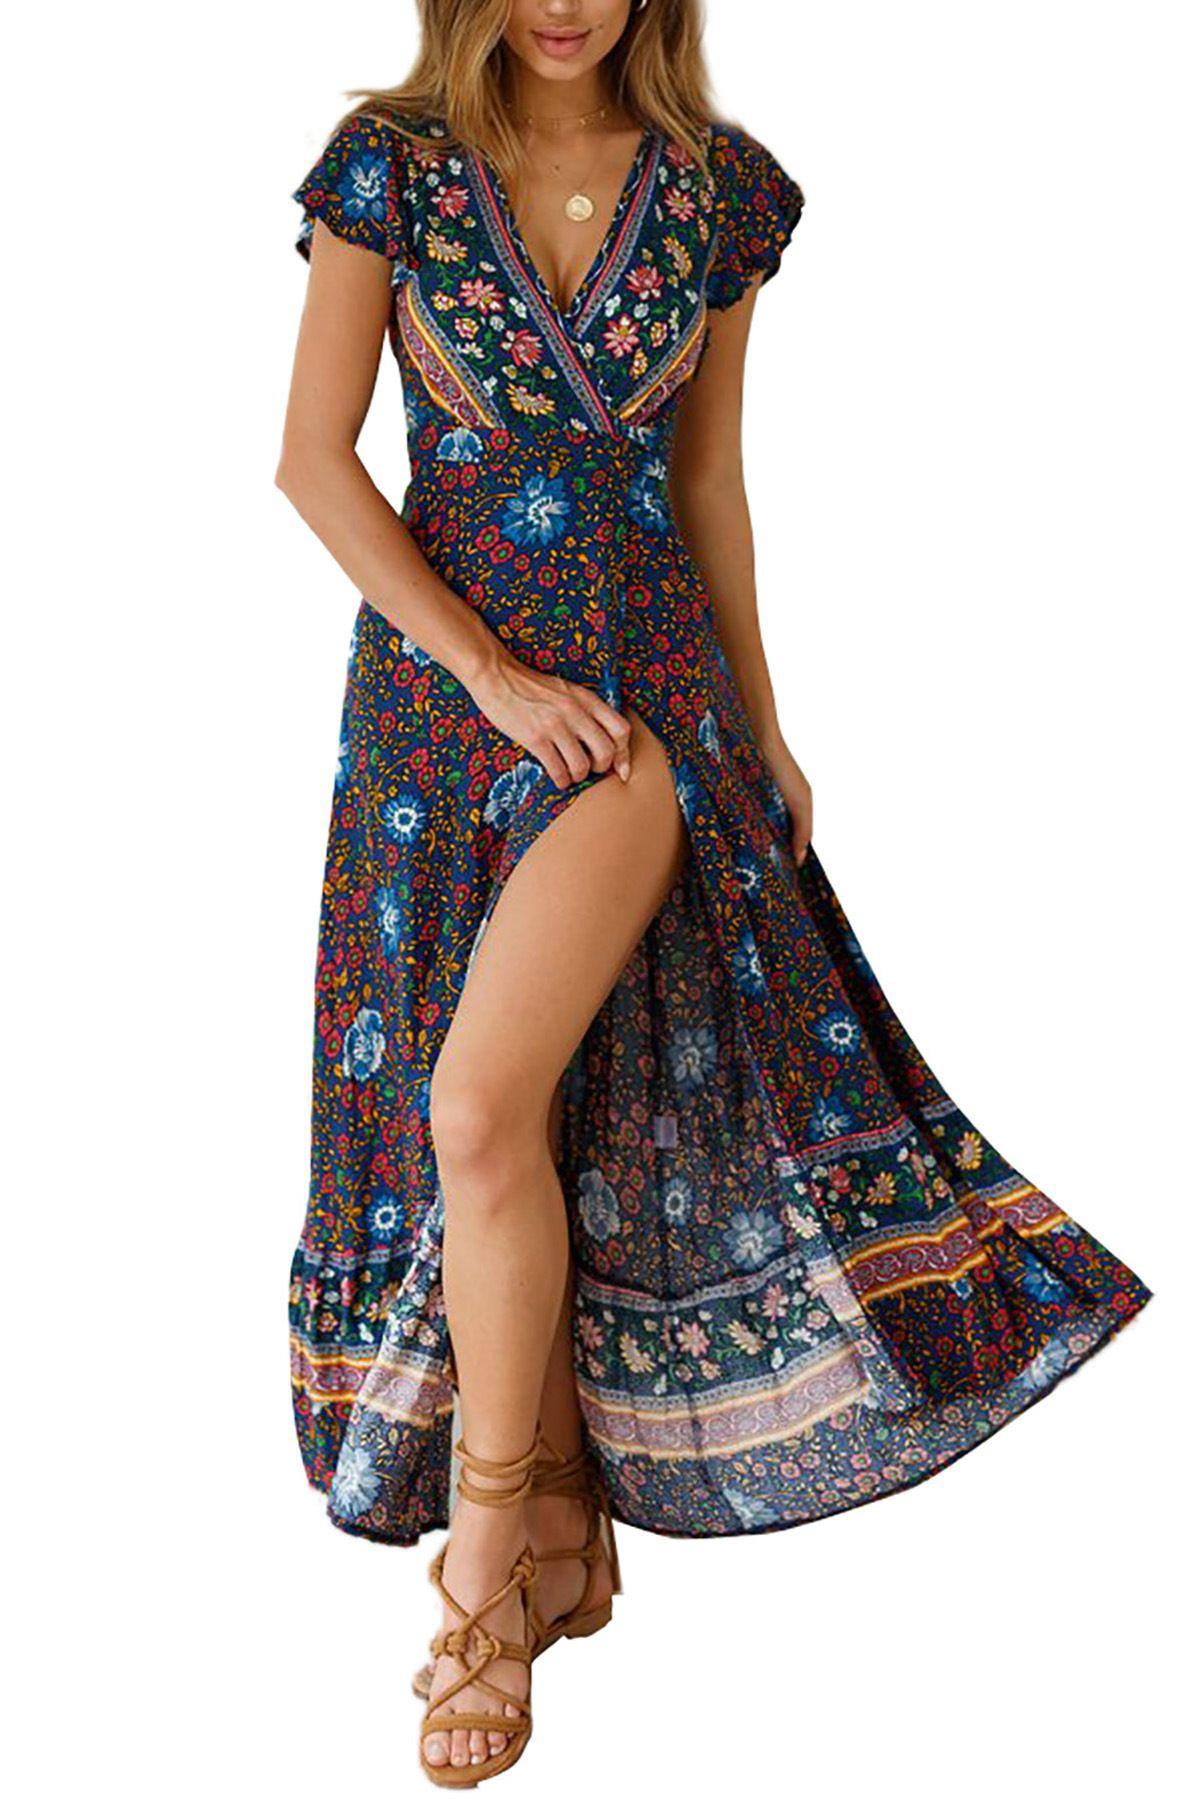 Kleid Urlaub Böhmisches Langes Kleider Floral Boho Sommer Strand V Bade Casual Bedrucktes Ausschnitt Für Frauen 5Rqj34AL